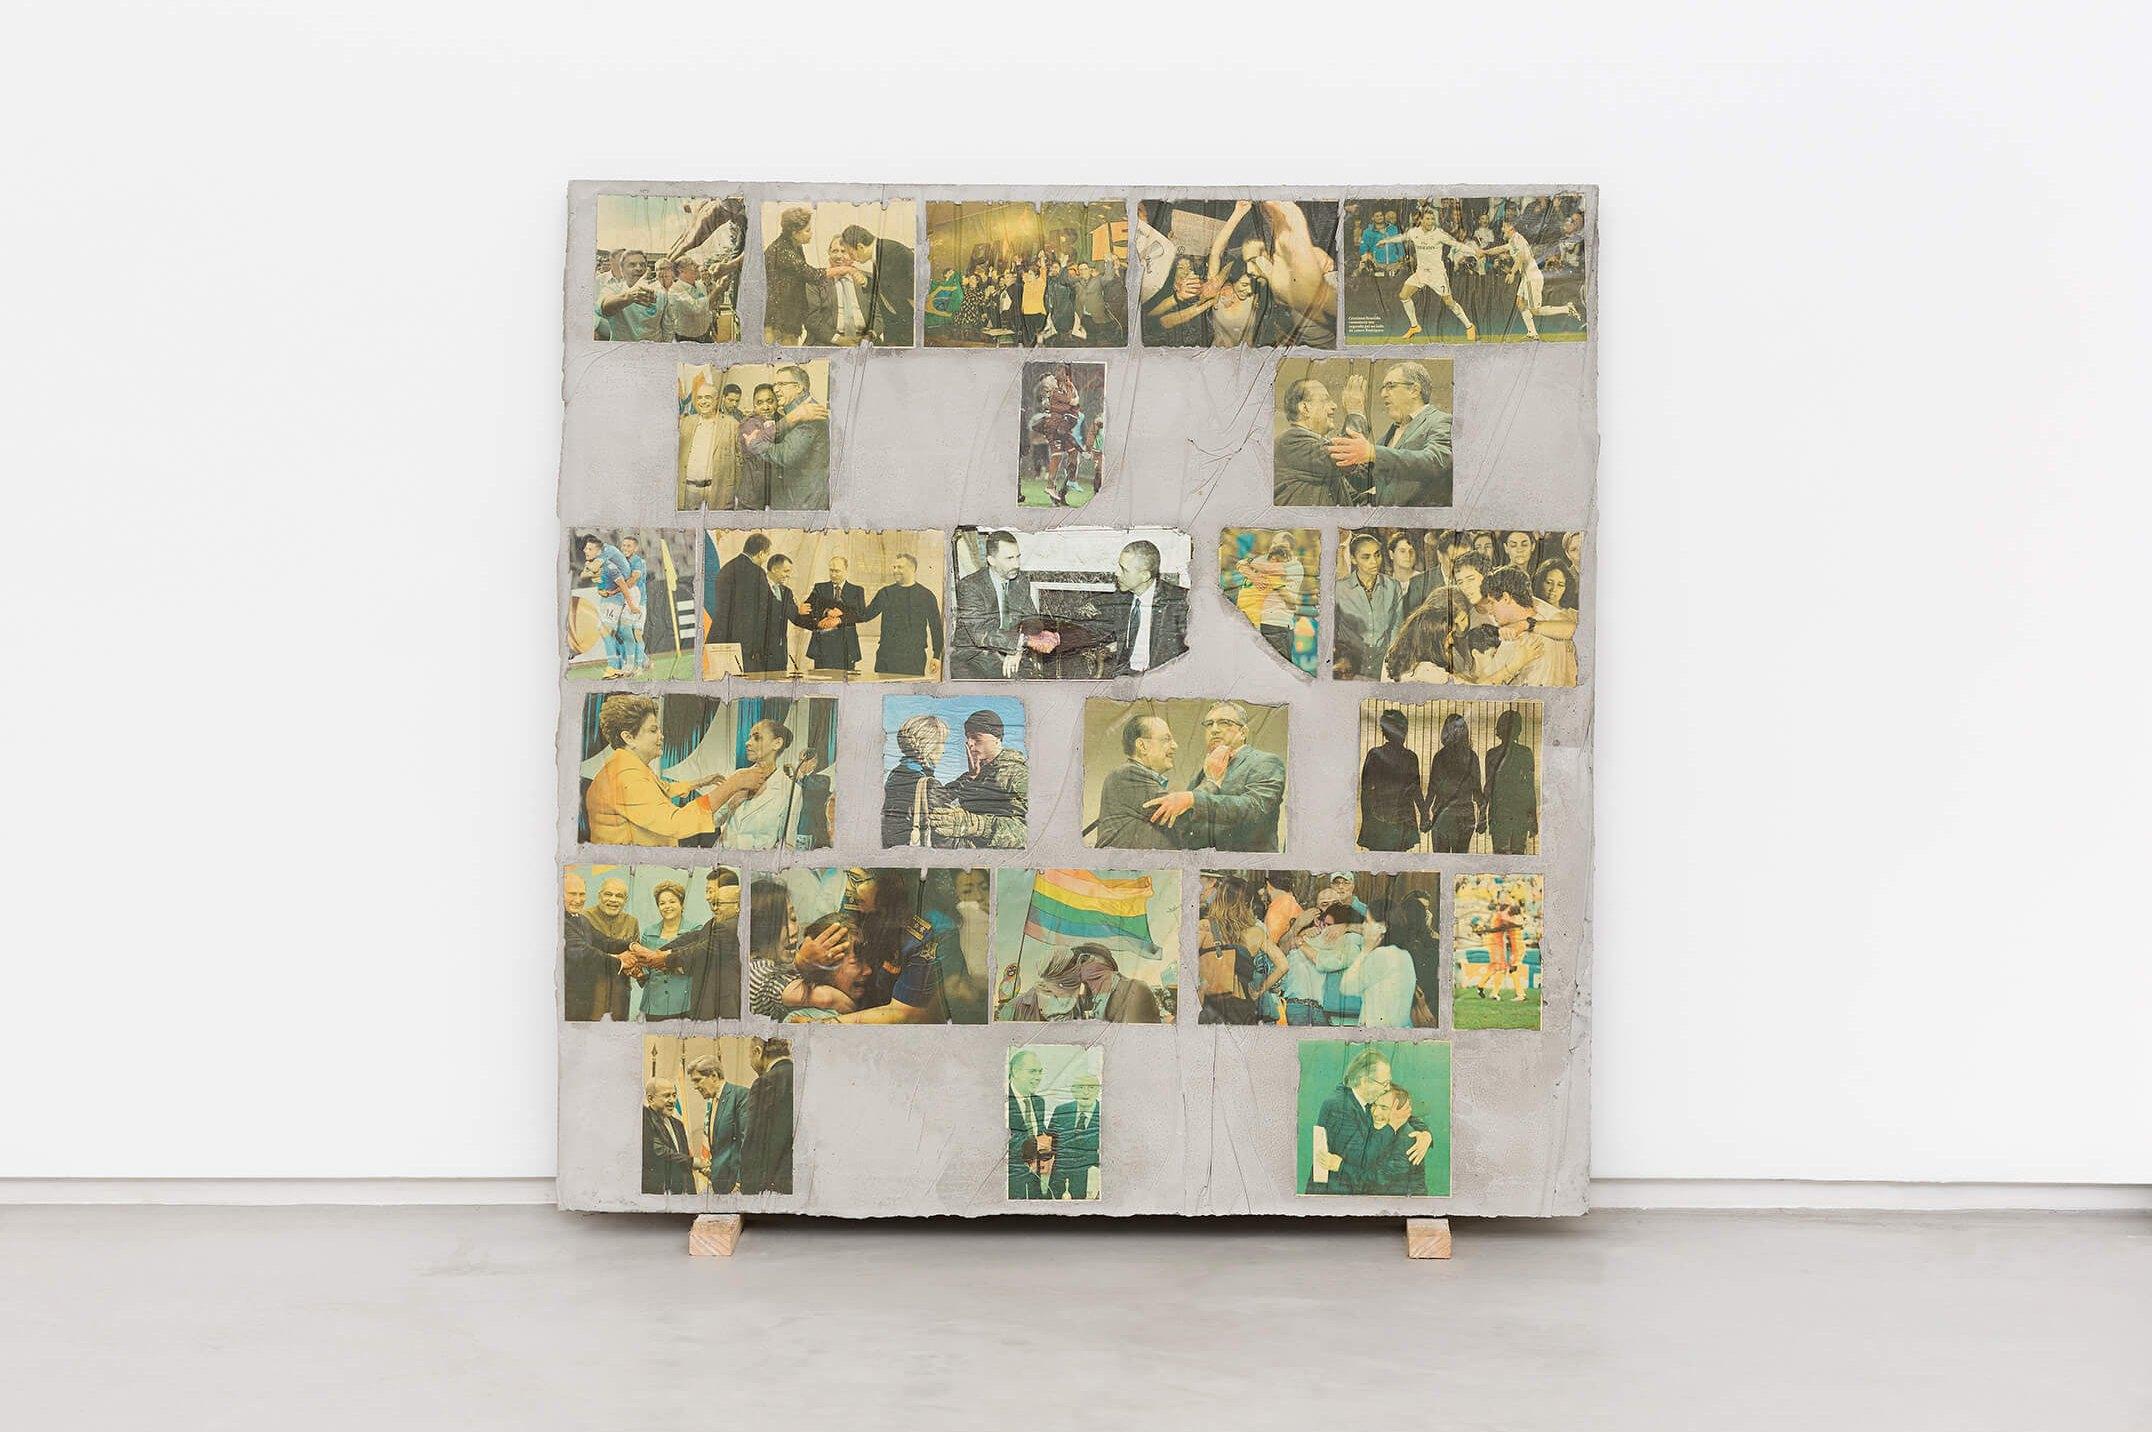 Matheus Rocha Pitta, <em>Décimo Nono Acordo</em>, 2013, concrete and paper, 100 × 100 × 3 cm - Mendes Wood DM